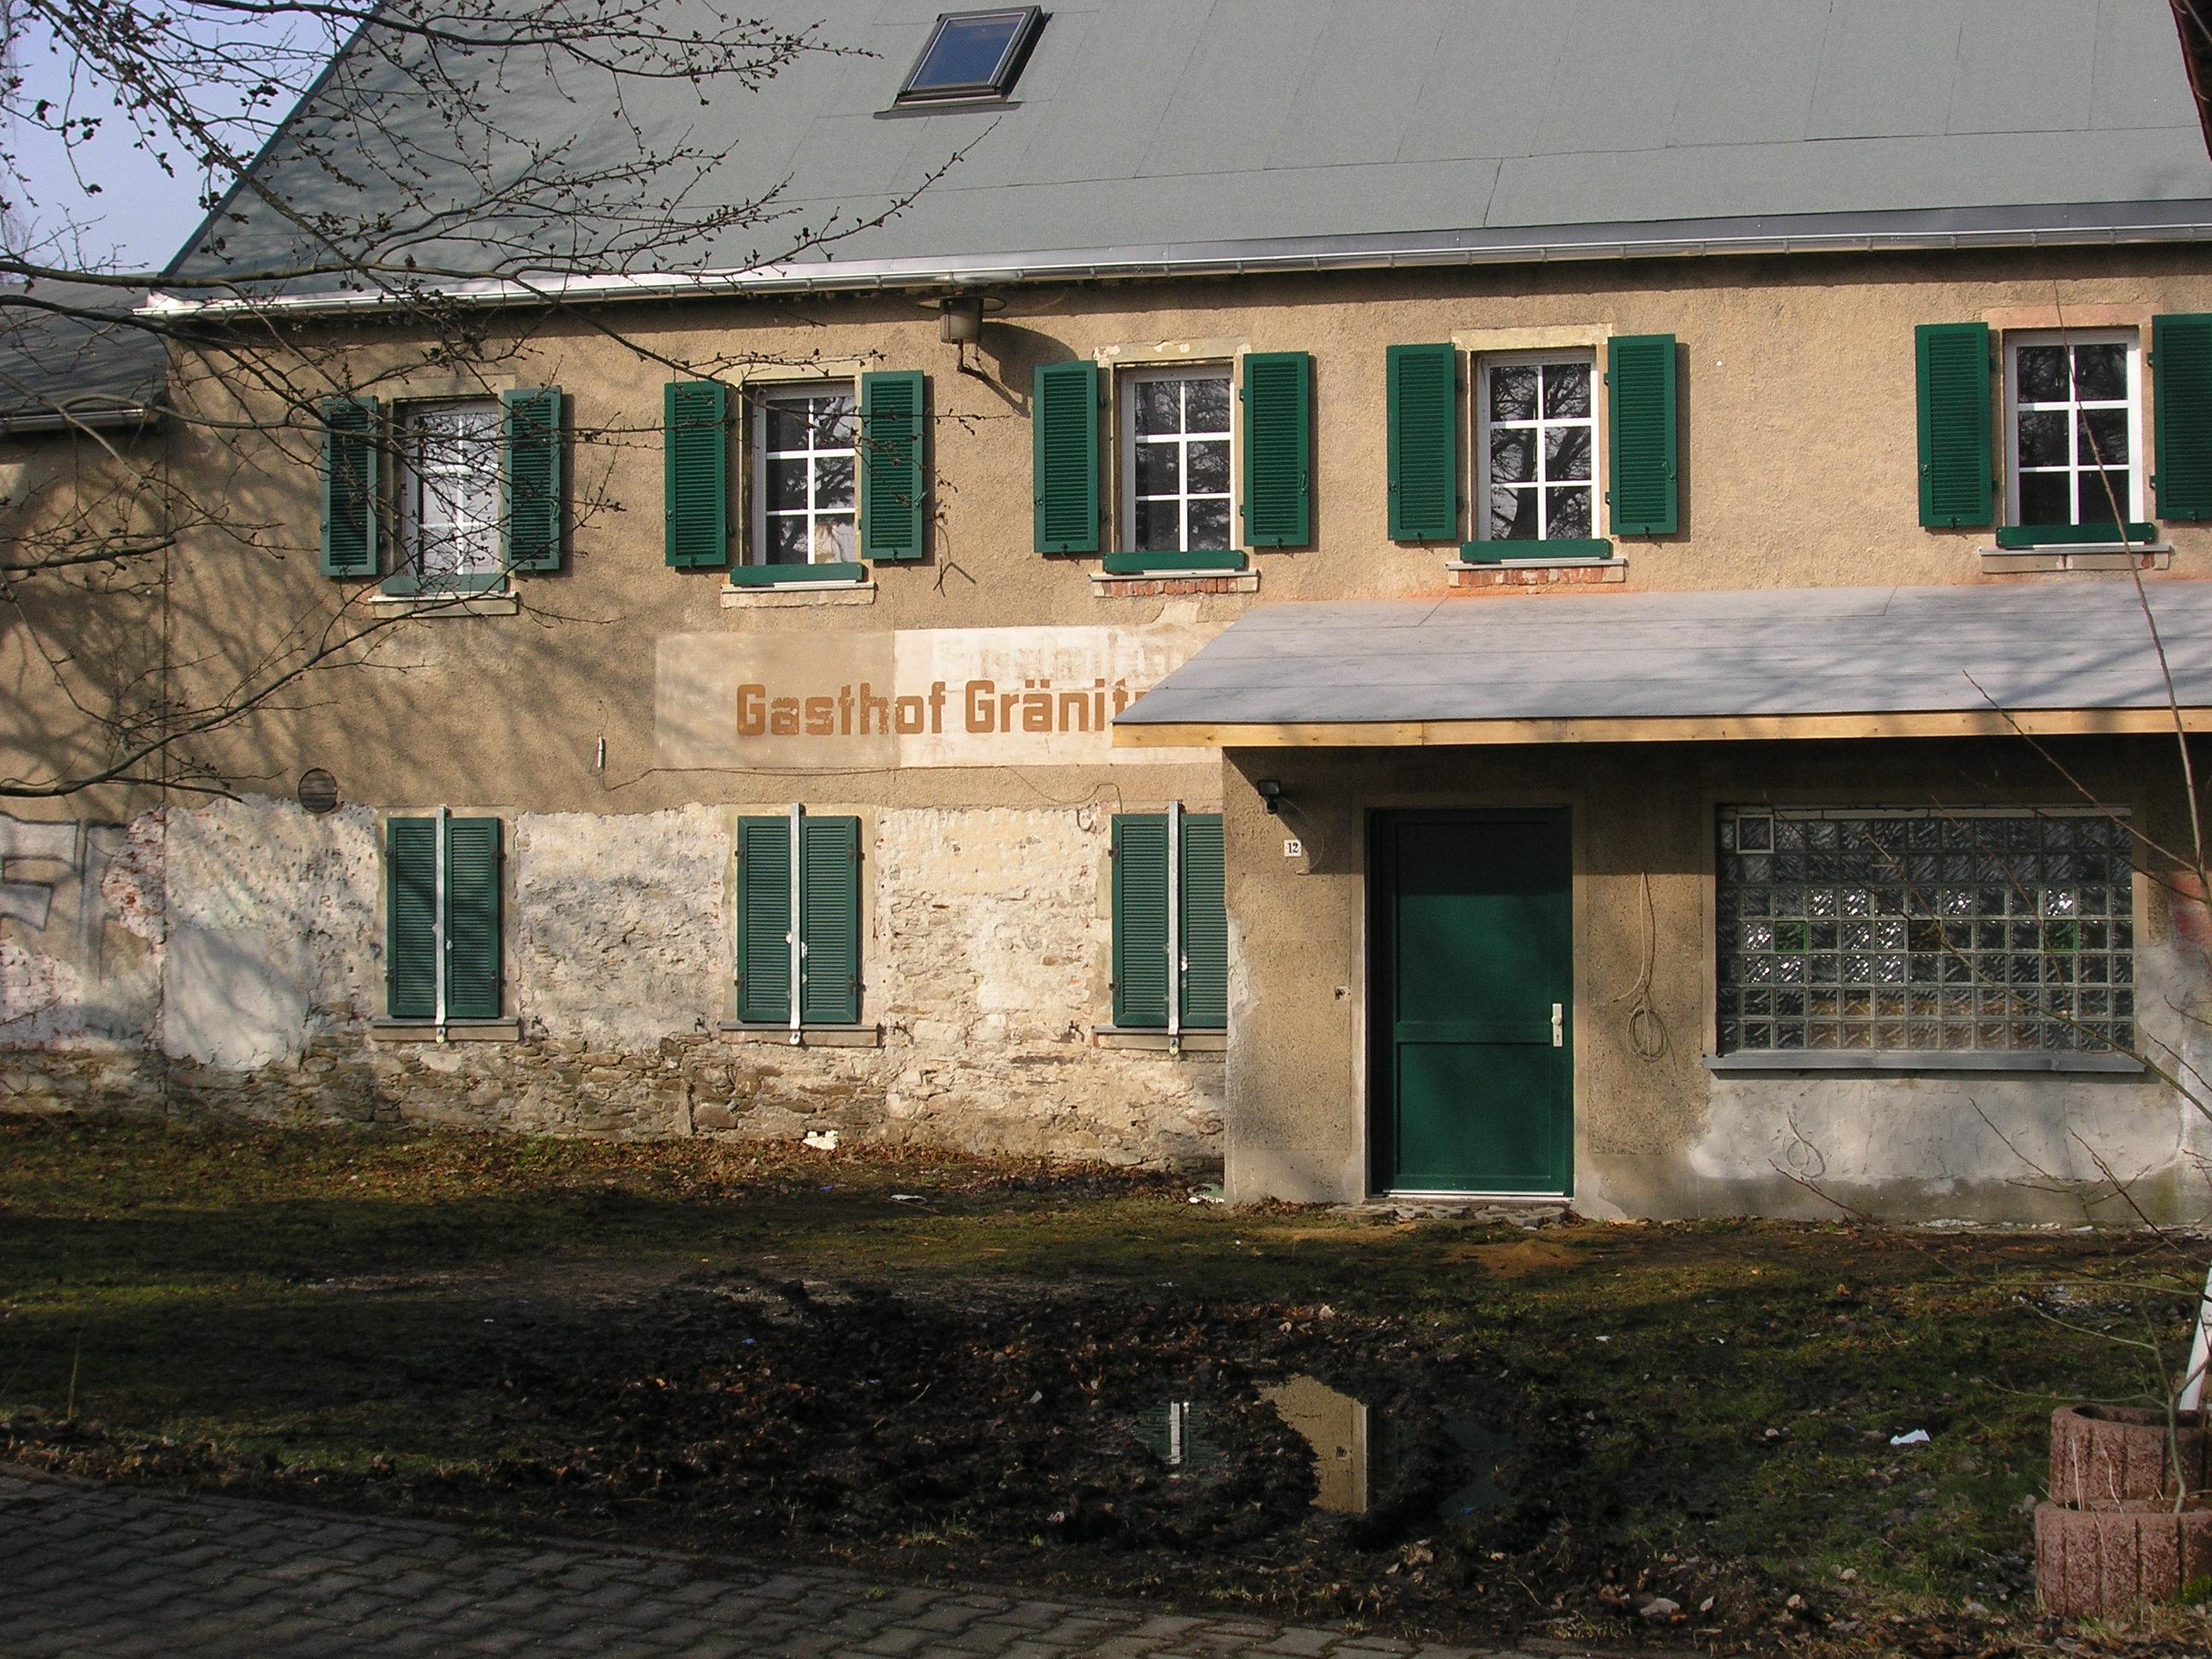 Das deutsche Haus Infoblog über das Nazizentrum in Gränitz